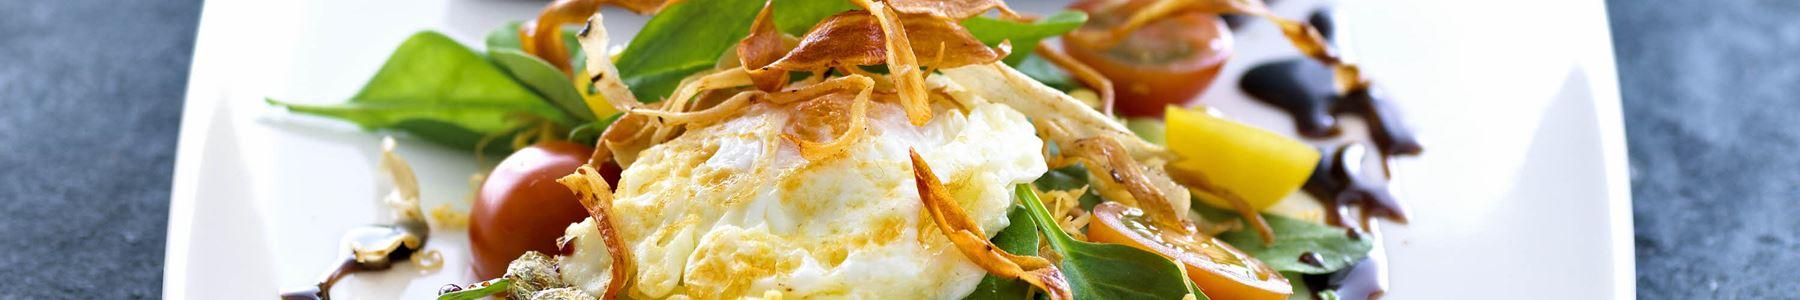 Hurtig + Salater + Morgenmad + Efterår